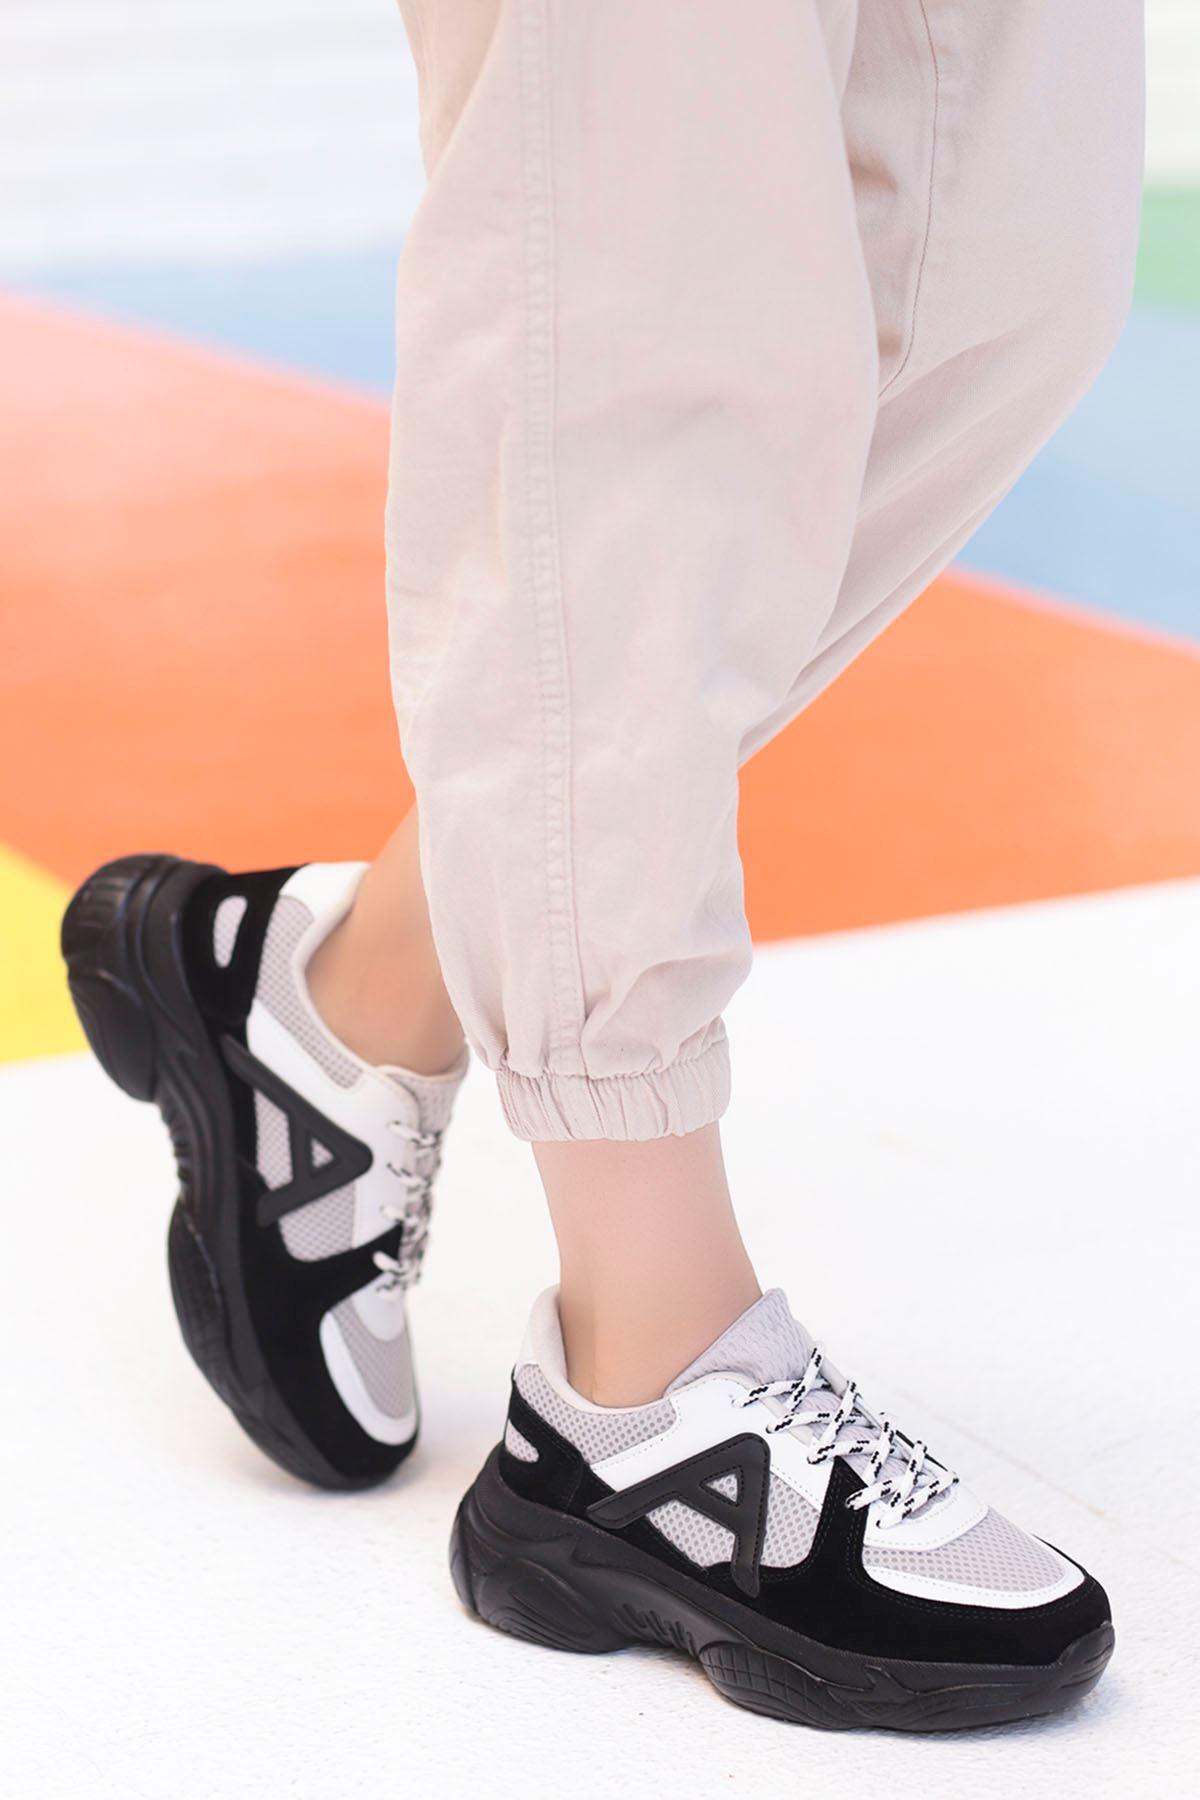 Afra A Detay Spor Ayakkabı Siyah Gri Detay